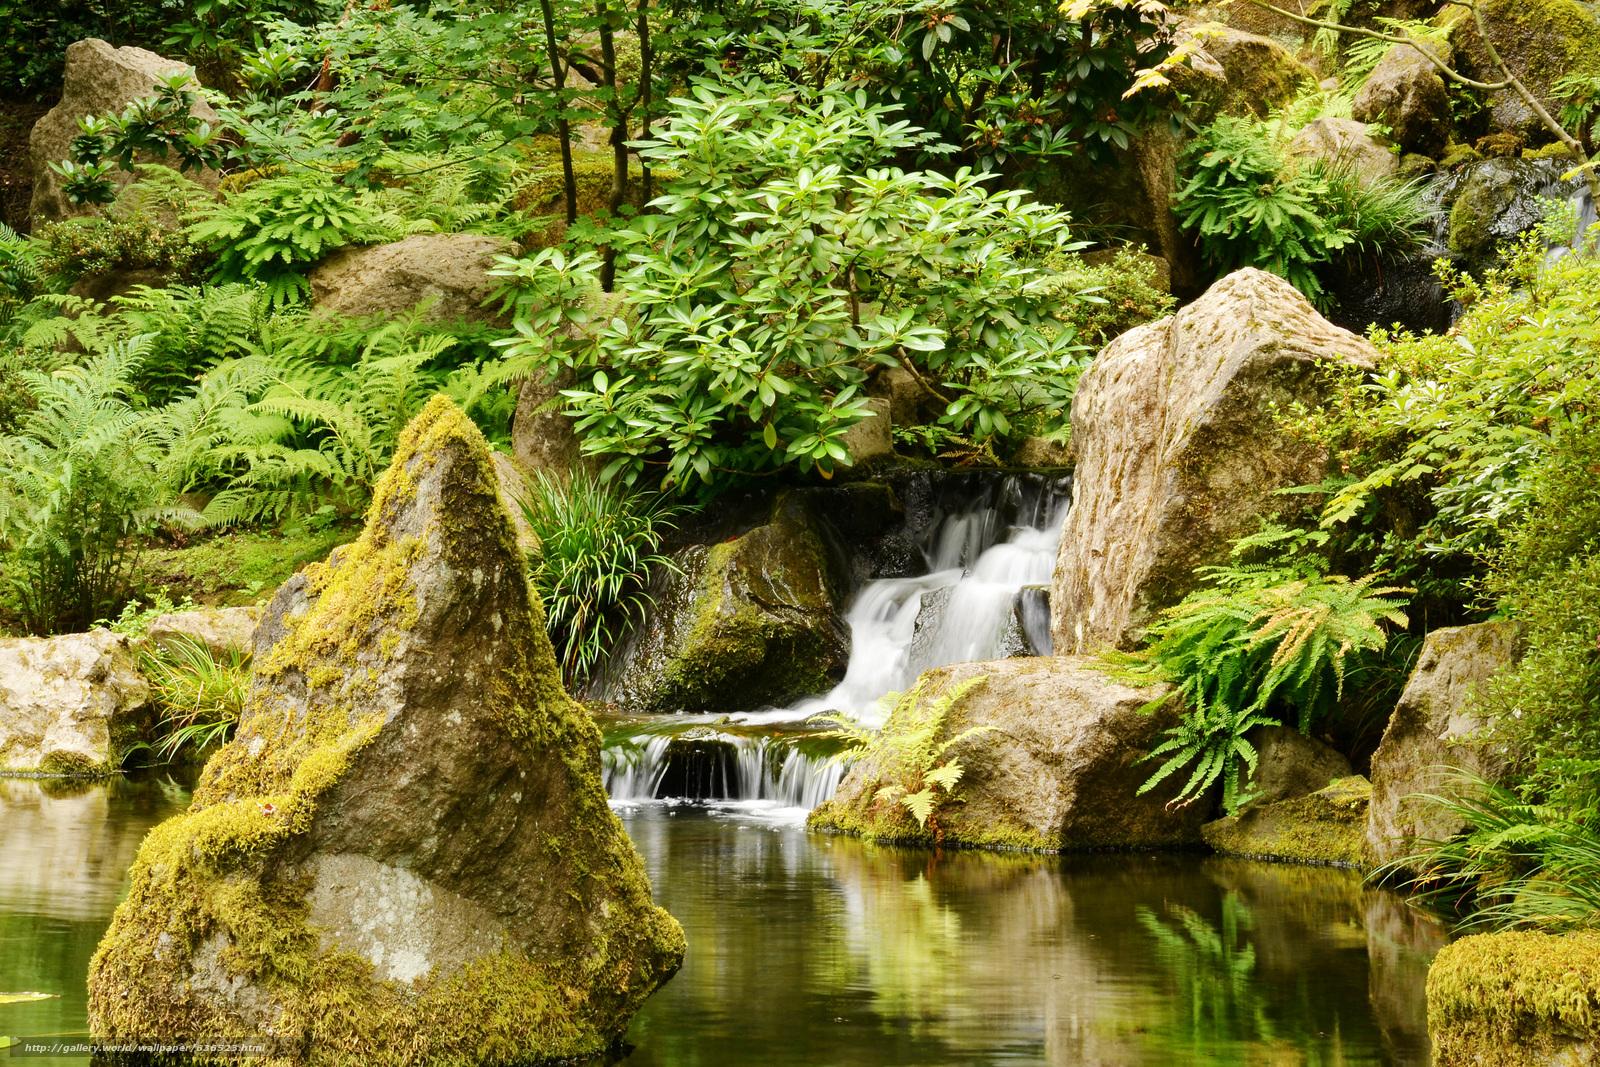 D coration jardin japonais fond d ecran 27 nimes for Mobilier japonais nantes